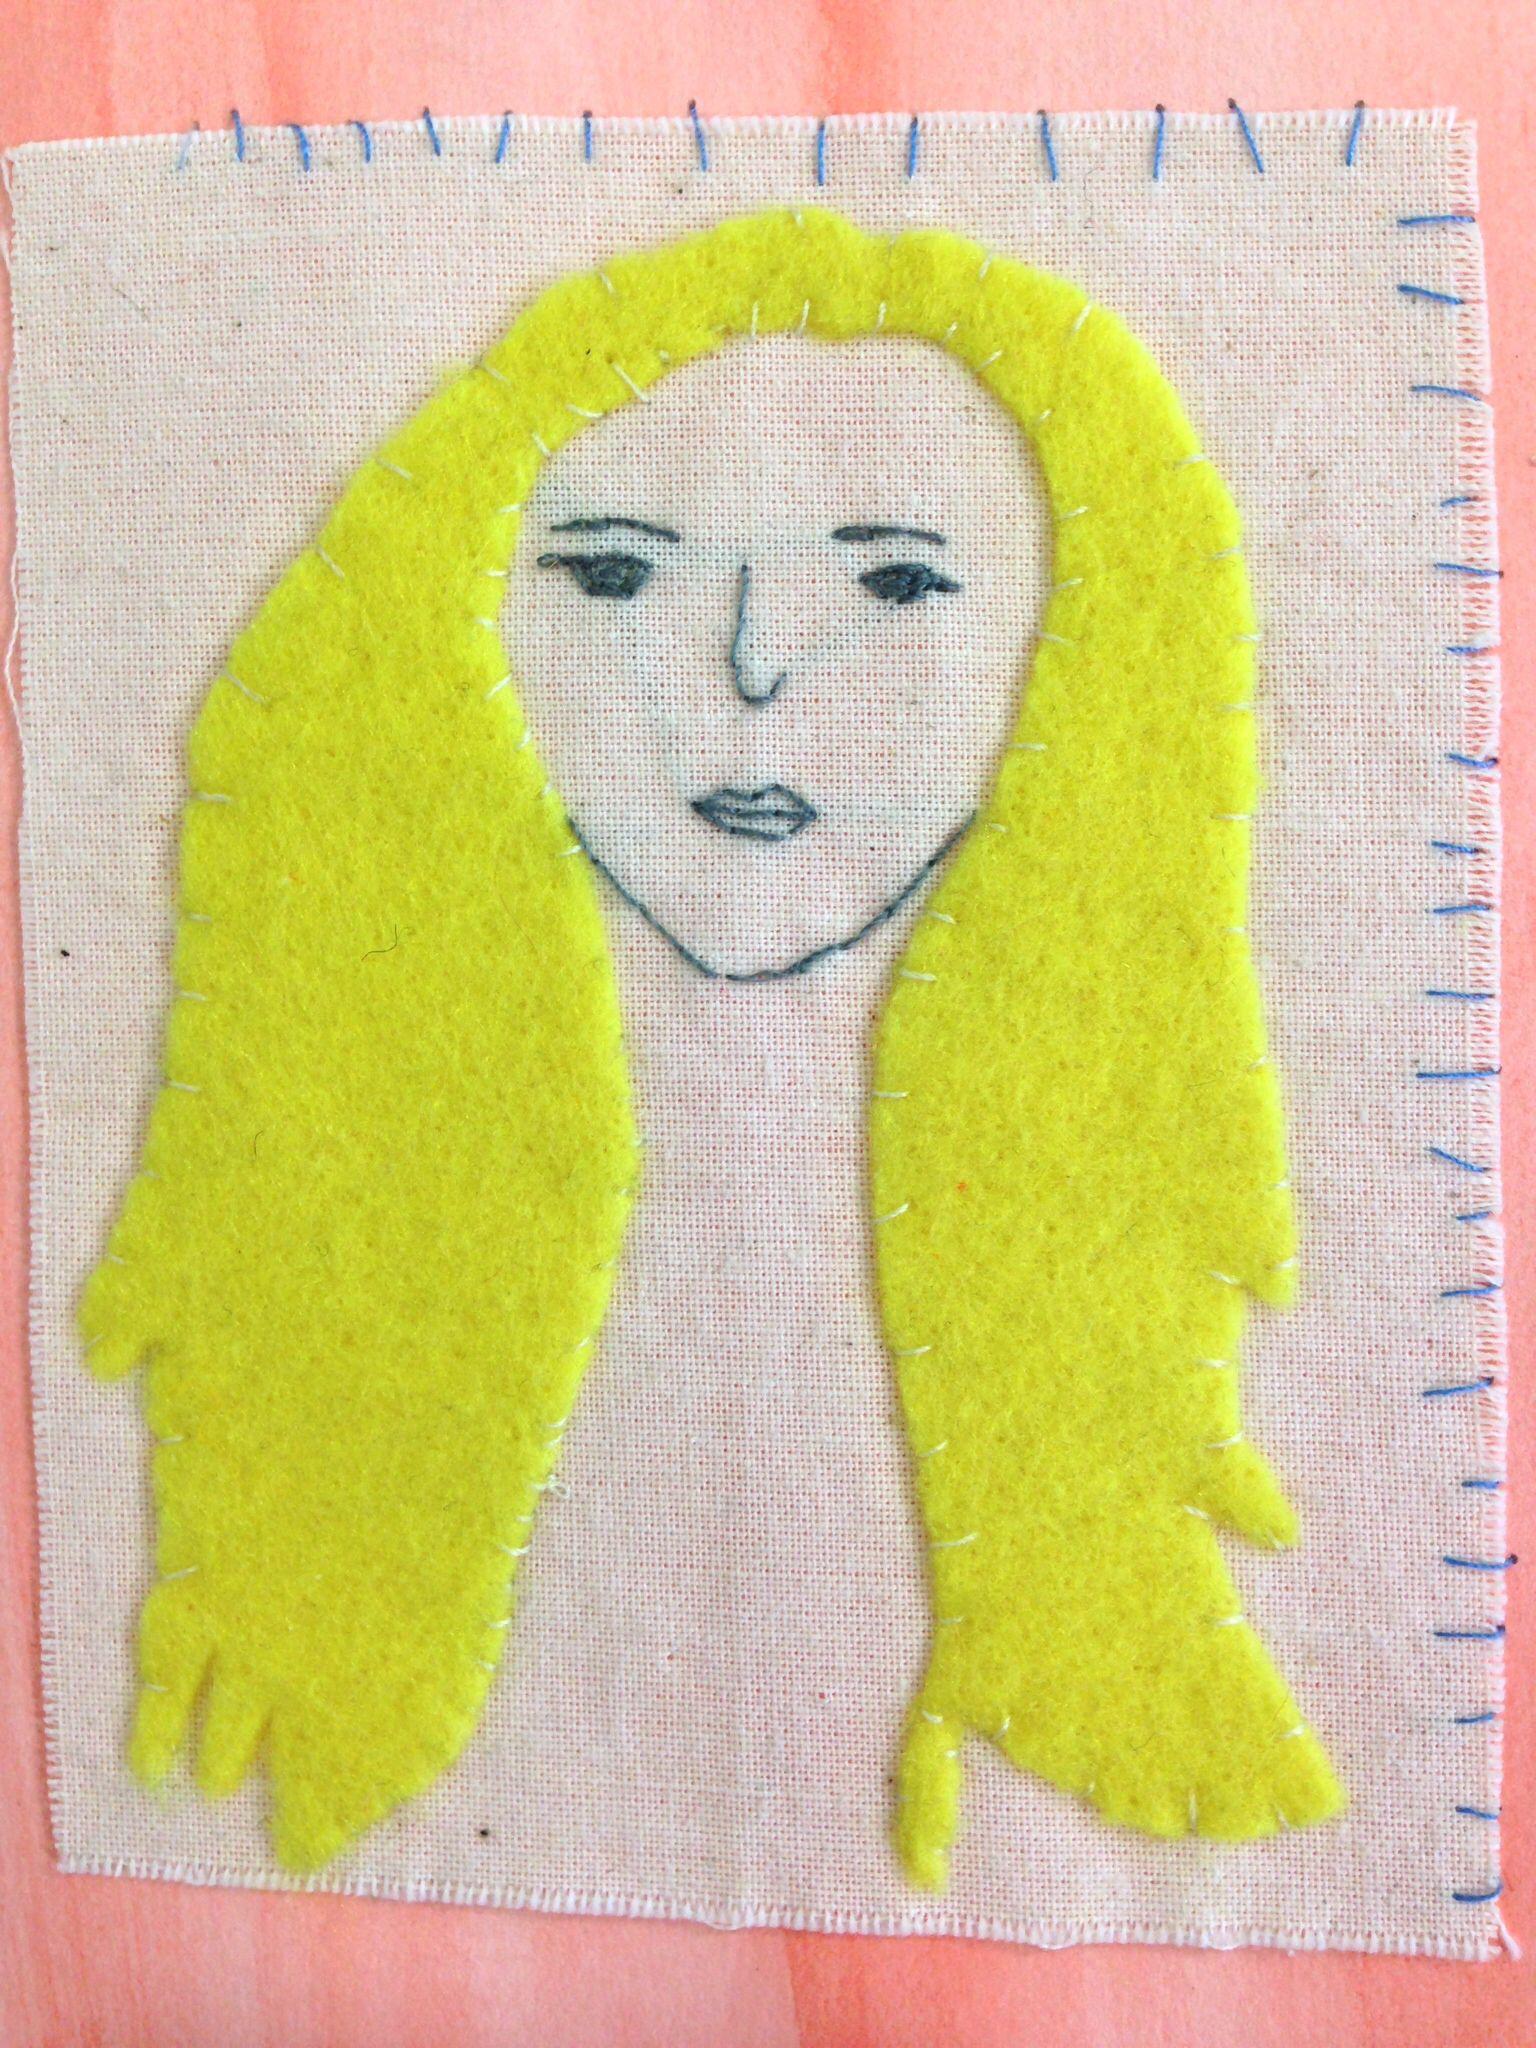 GCSE Textiles 2014 - Edie by Rosie!!